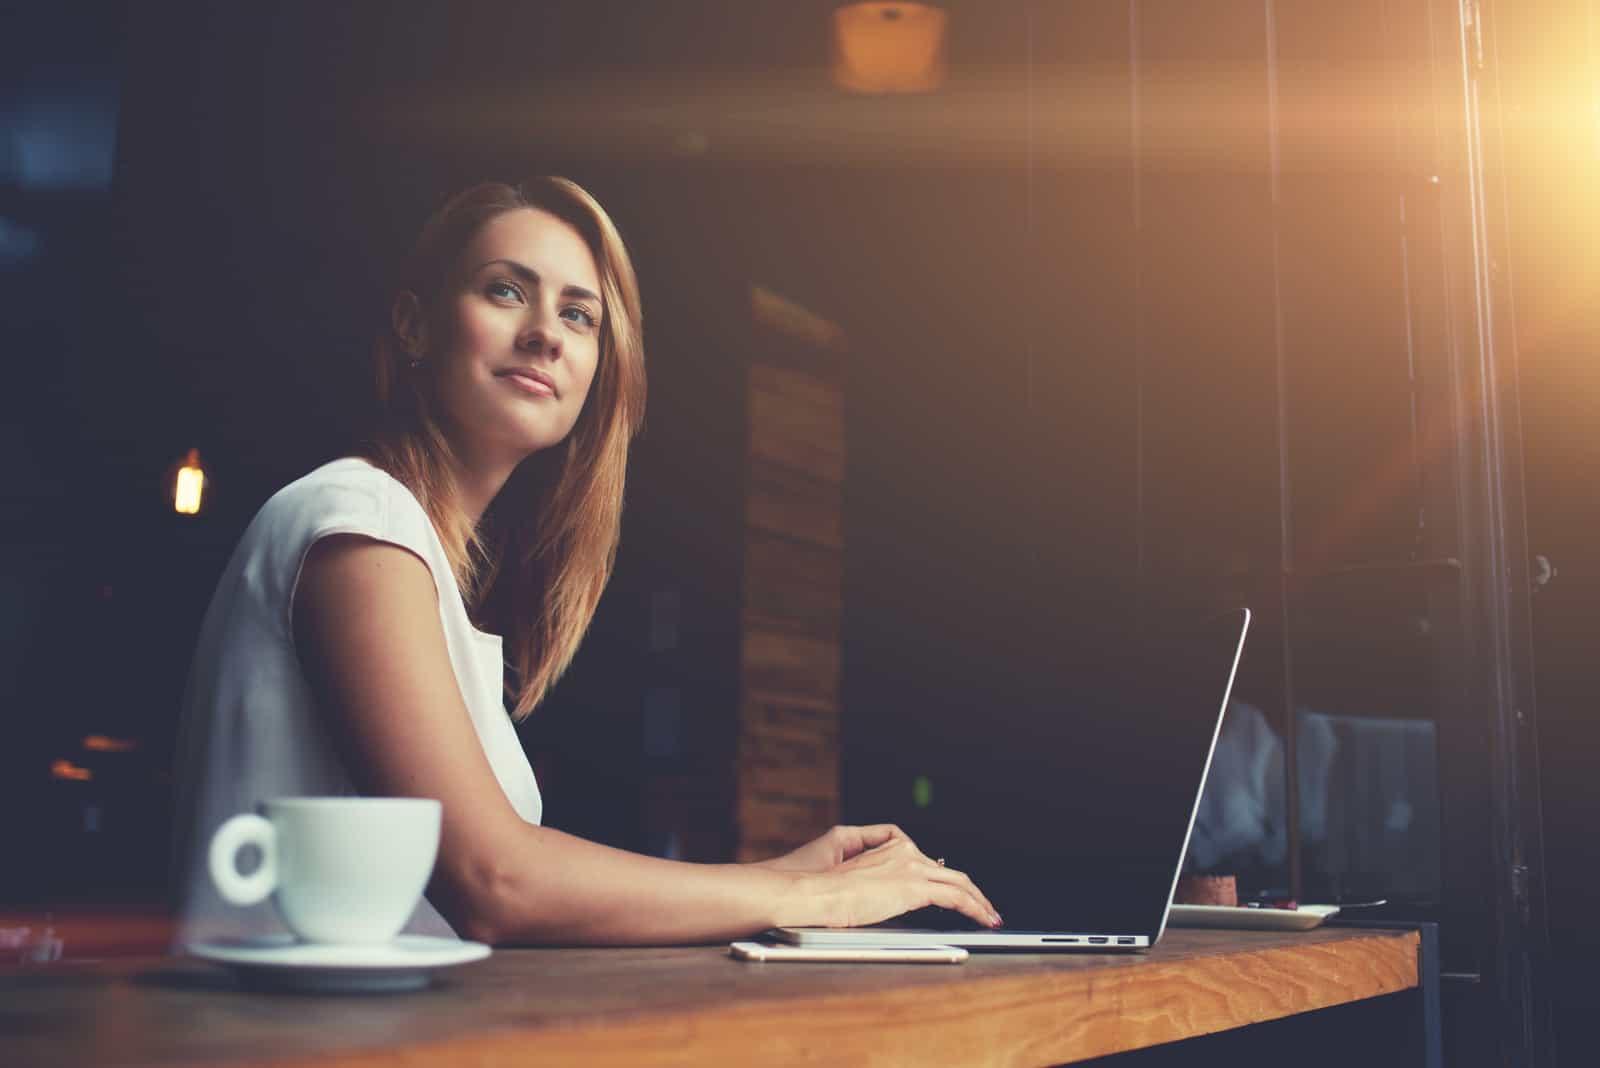 une femme aux cheveux bruns est assise devant un ordinateur portable et boit du café